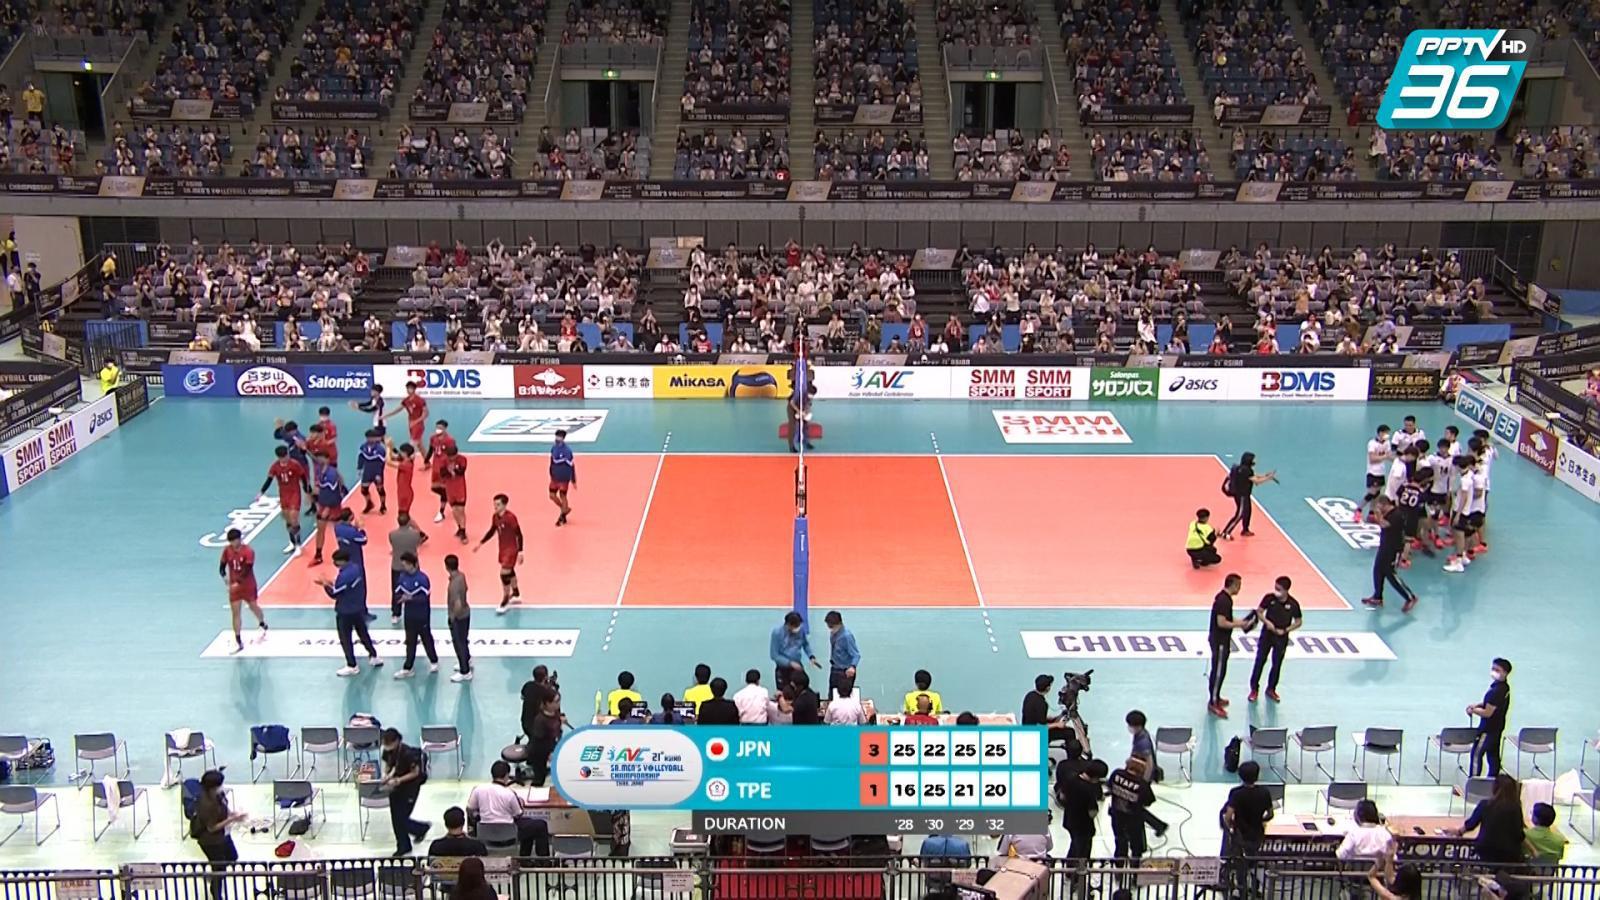 ไฮไลท์ | พีพีทีวี วอลเลย์บอลชาย เจวีเอ ชิงชนะเลิศแห่งเอเชีย | ญี่ปุ่น พบ ไชนิส ไทเป | 18 ก.ย. 64